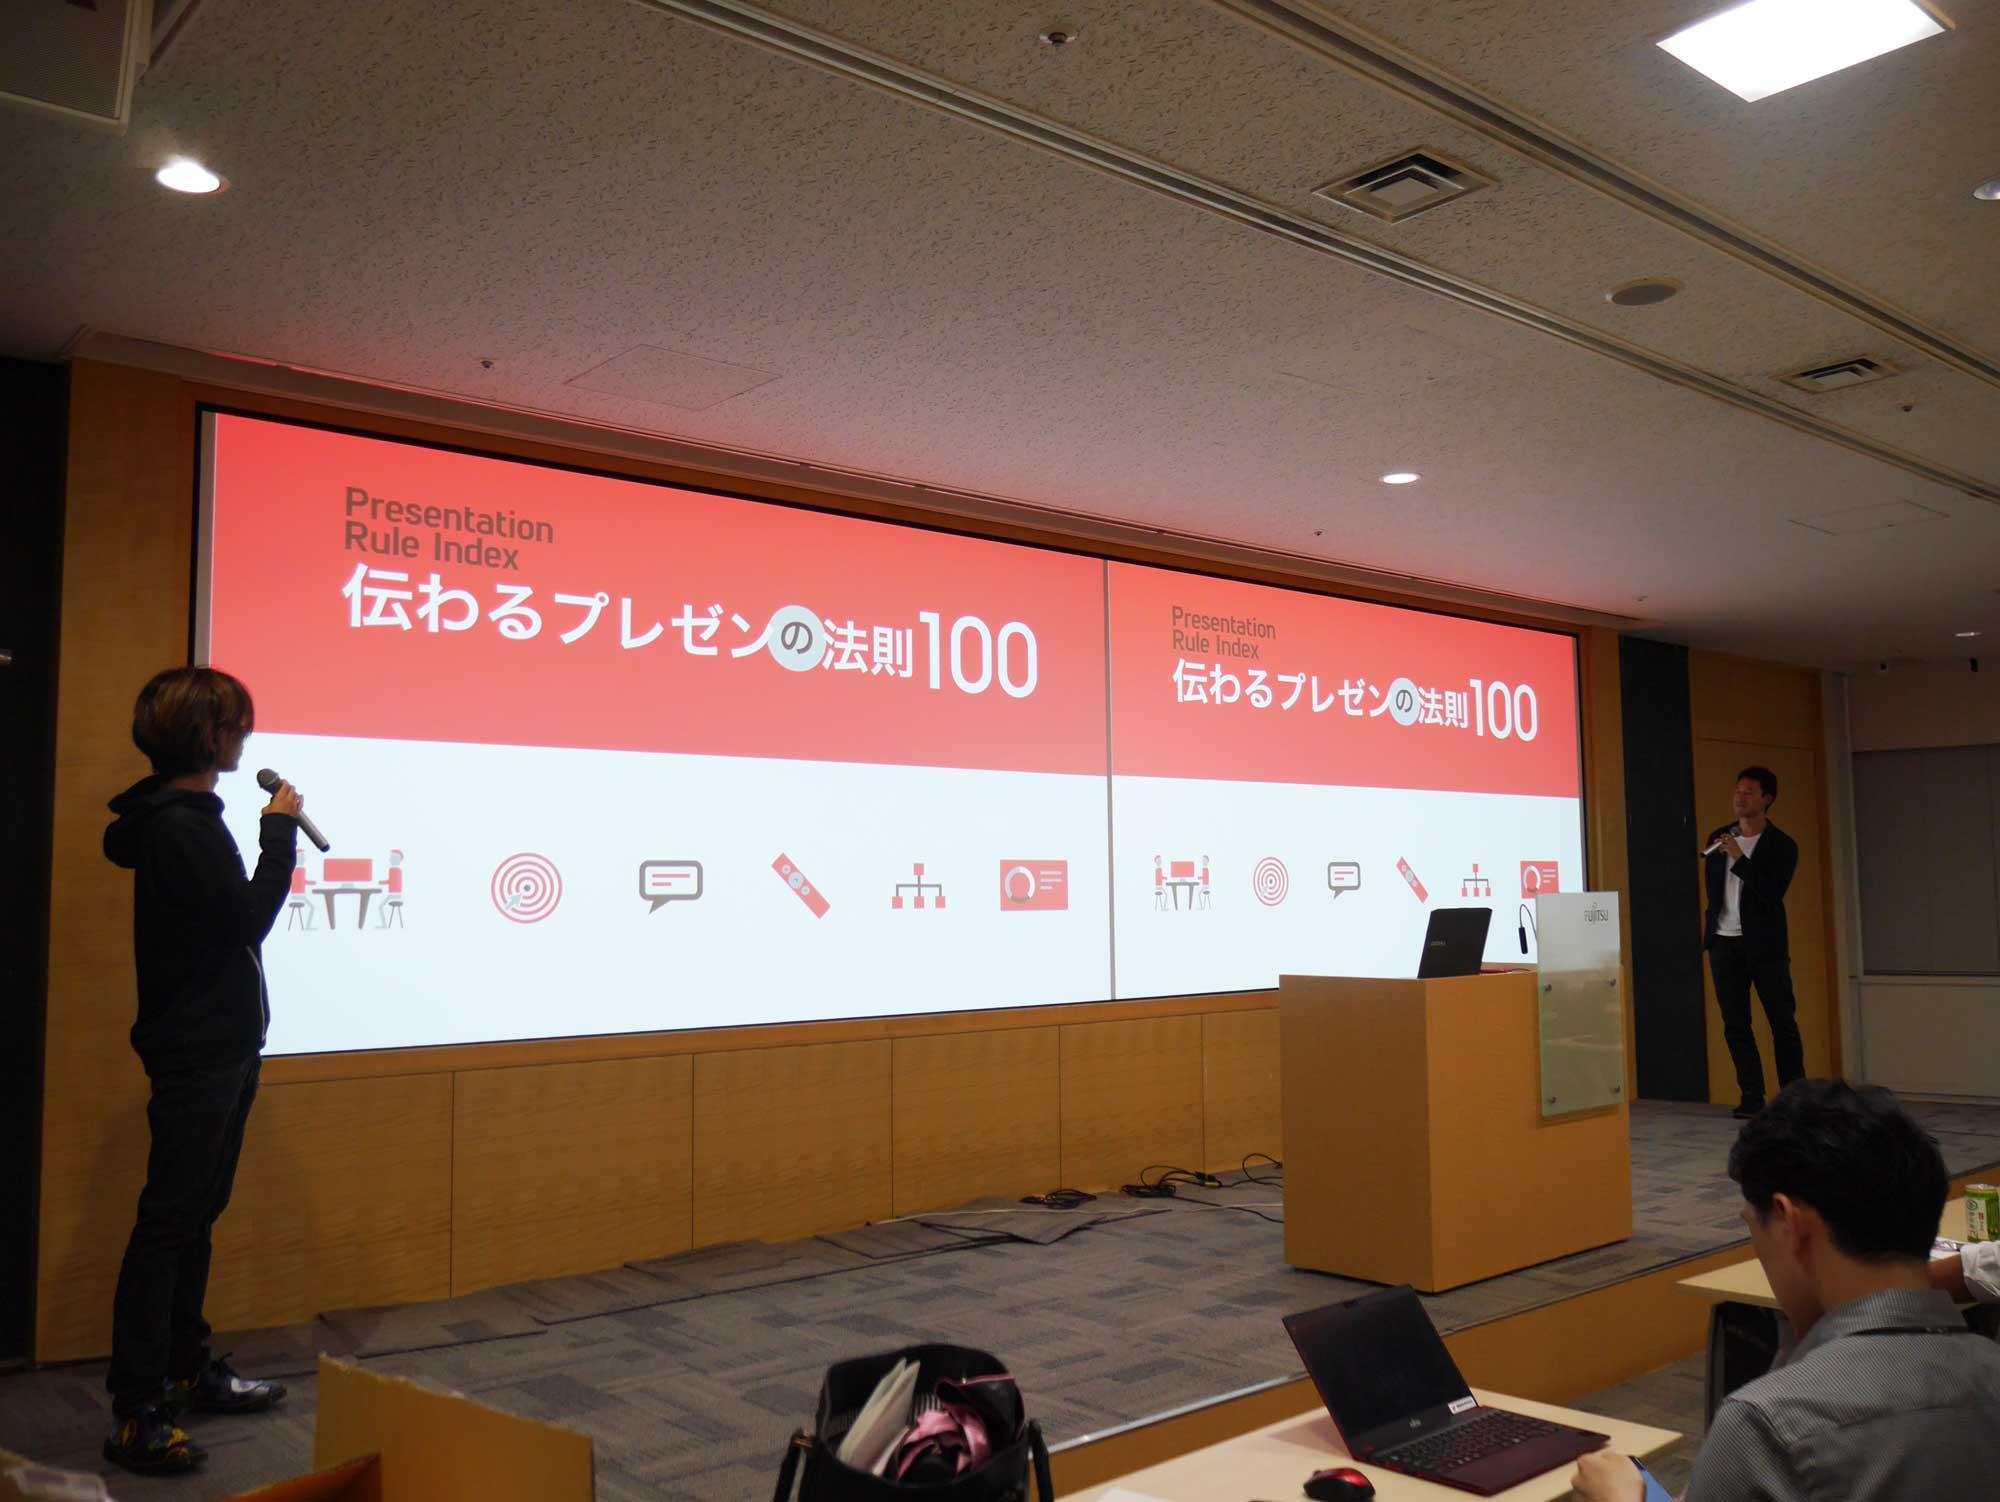 渋谷・吉藤による「伝わるプレゼンの法則100」ご紹介&裏話トーク